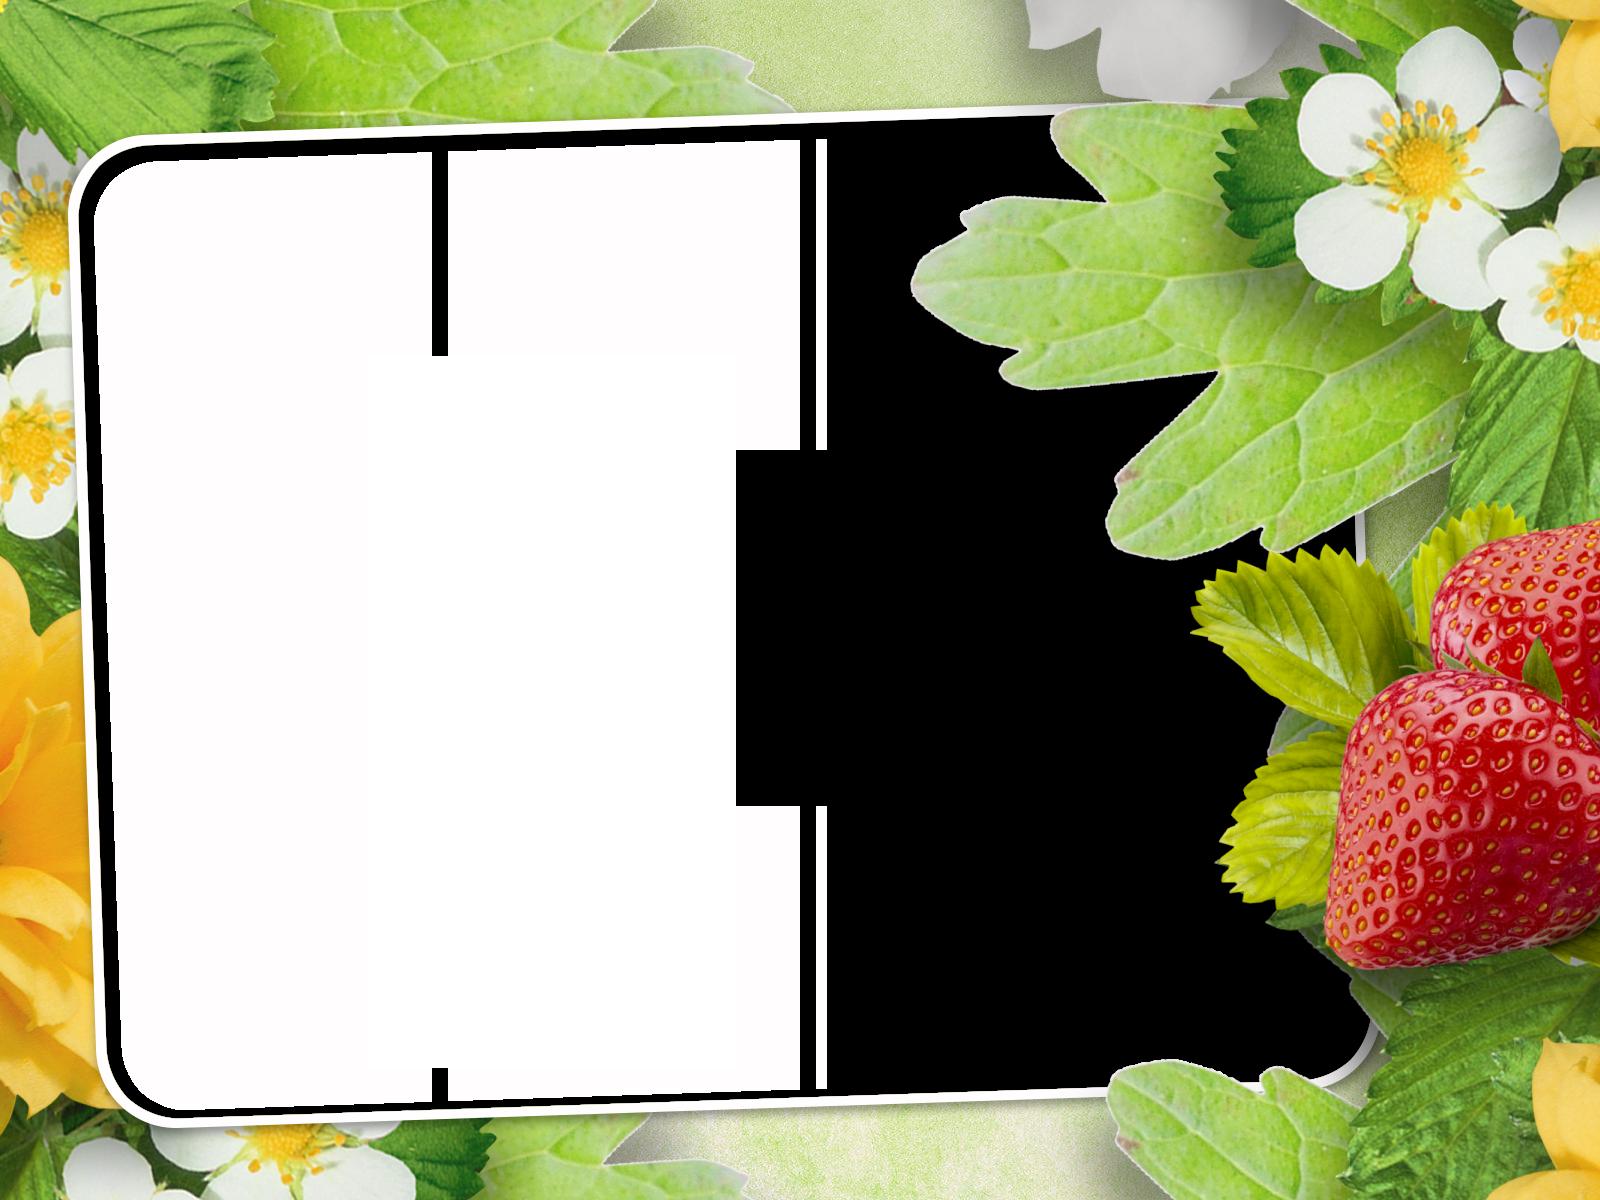 благодаря рамка для фото в виде ягодки настоящее время столица